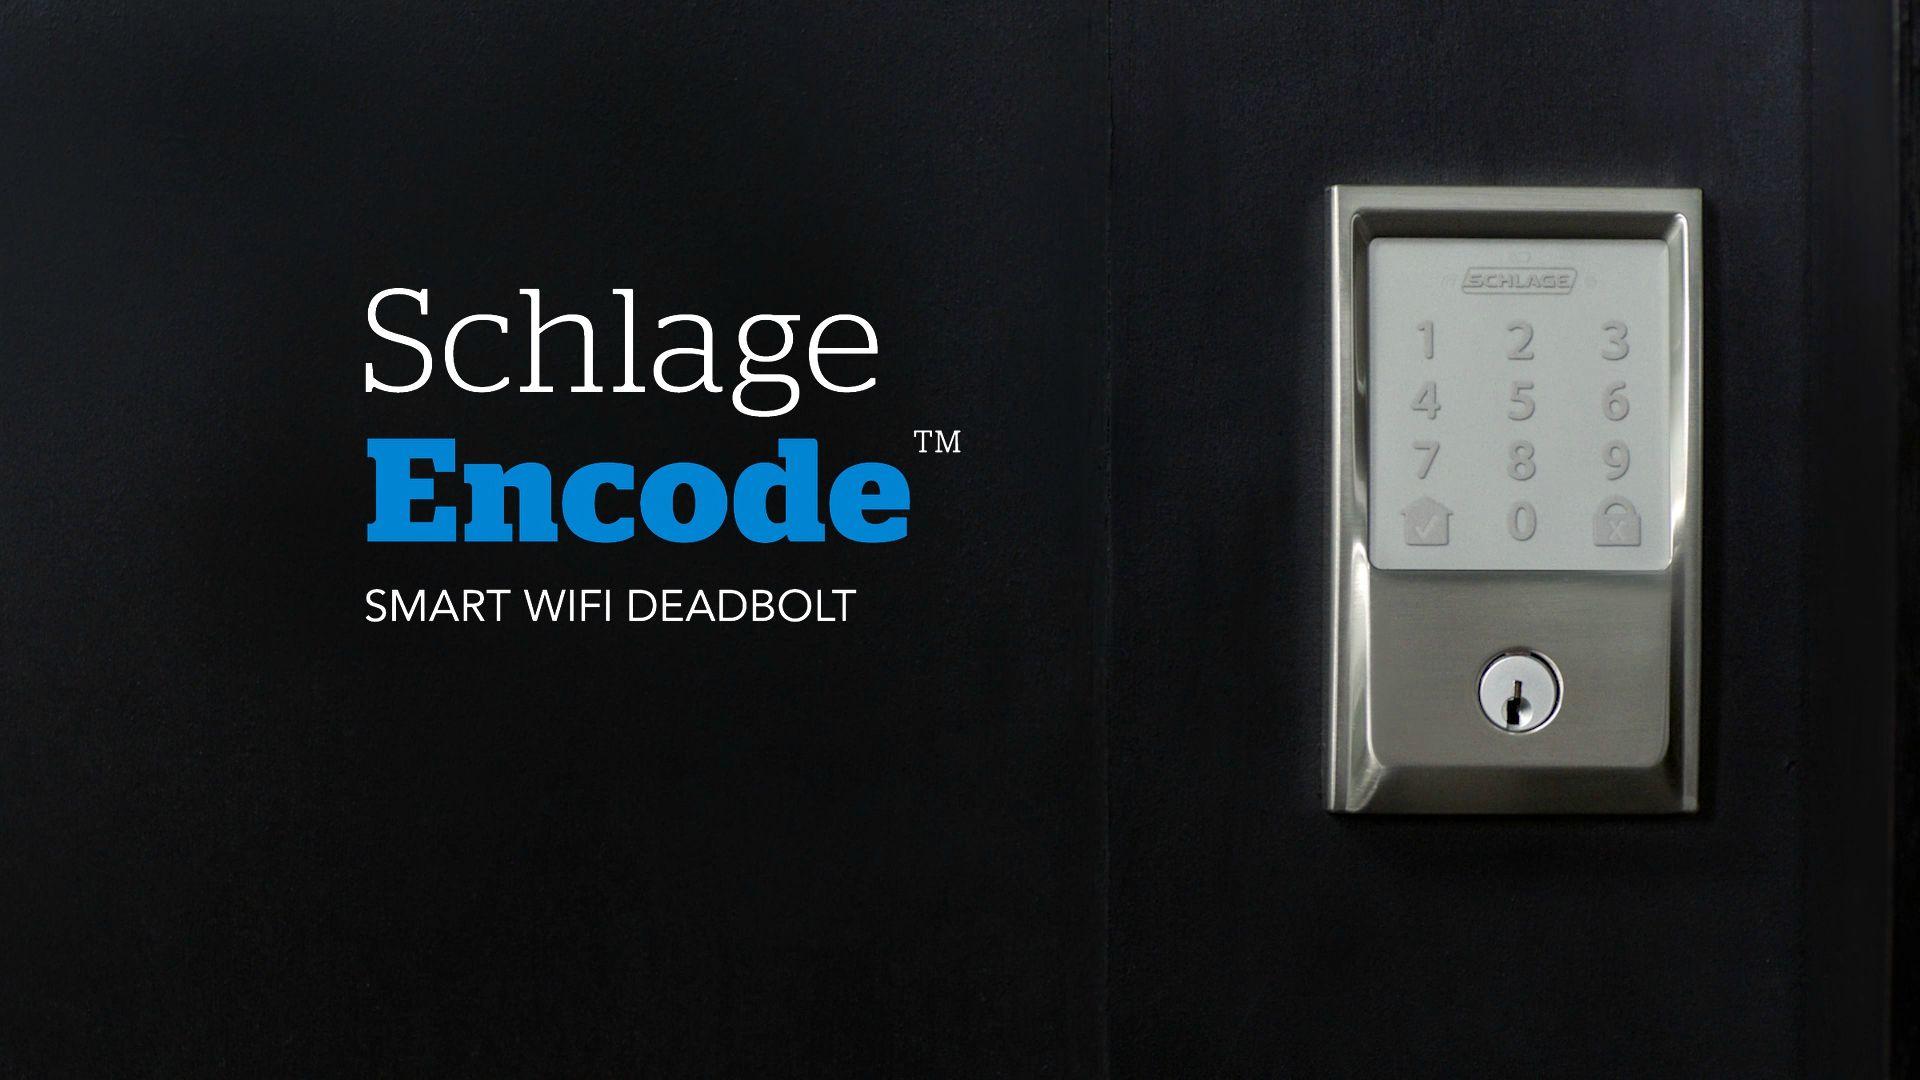 schlageencode_video.jpg